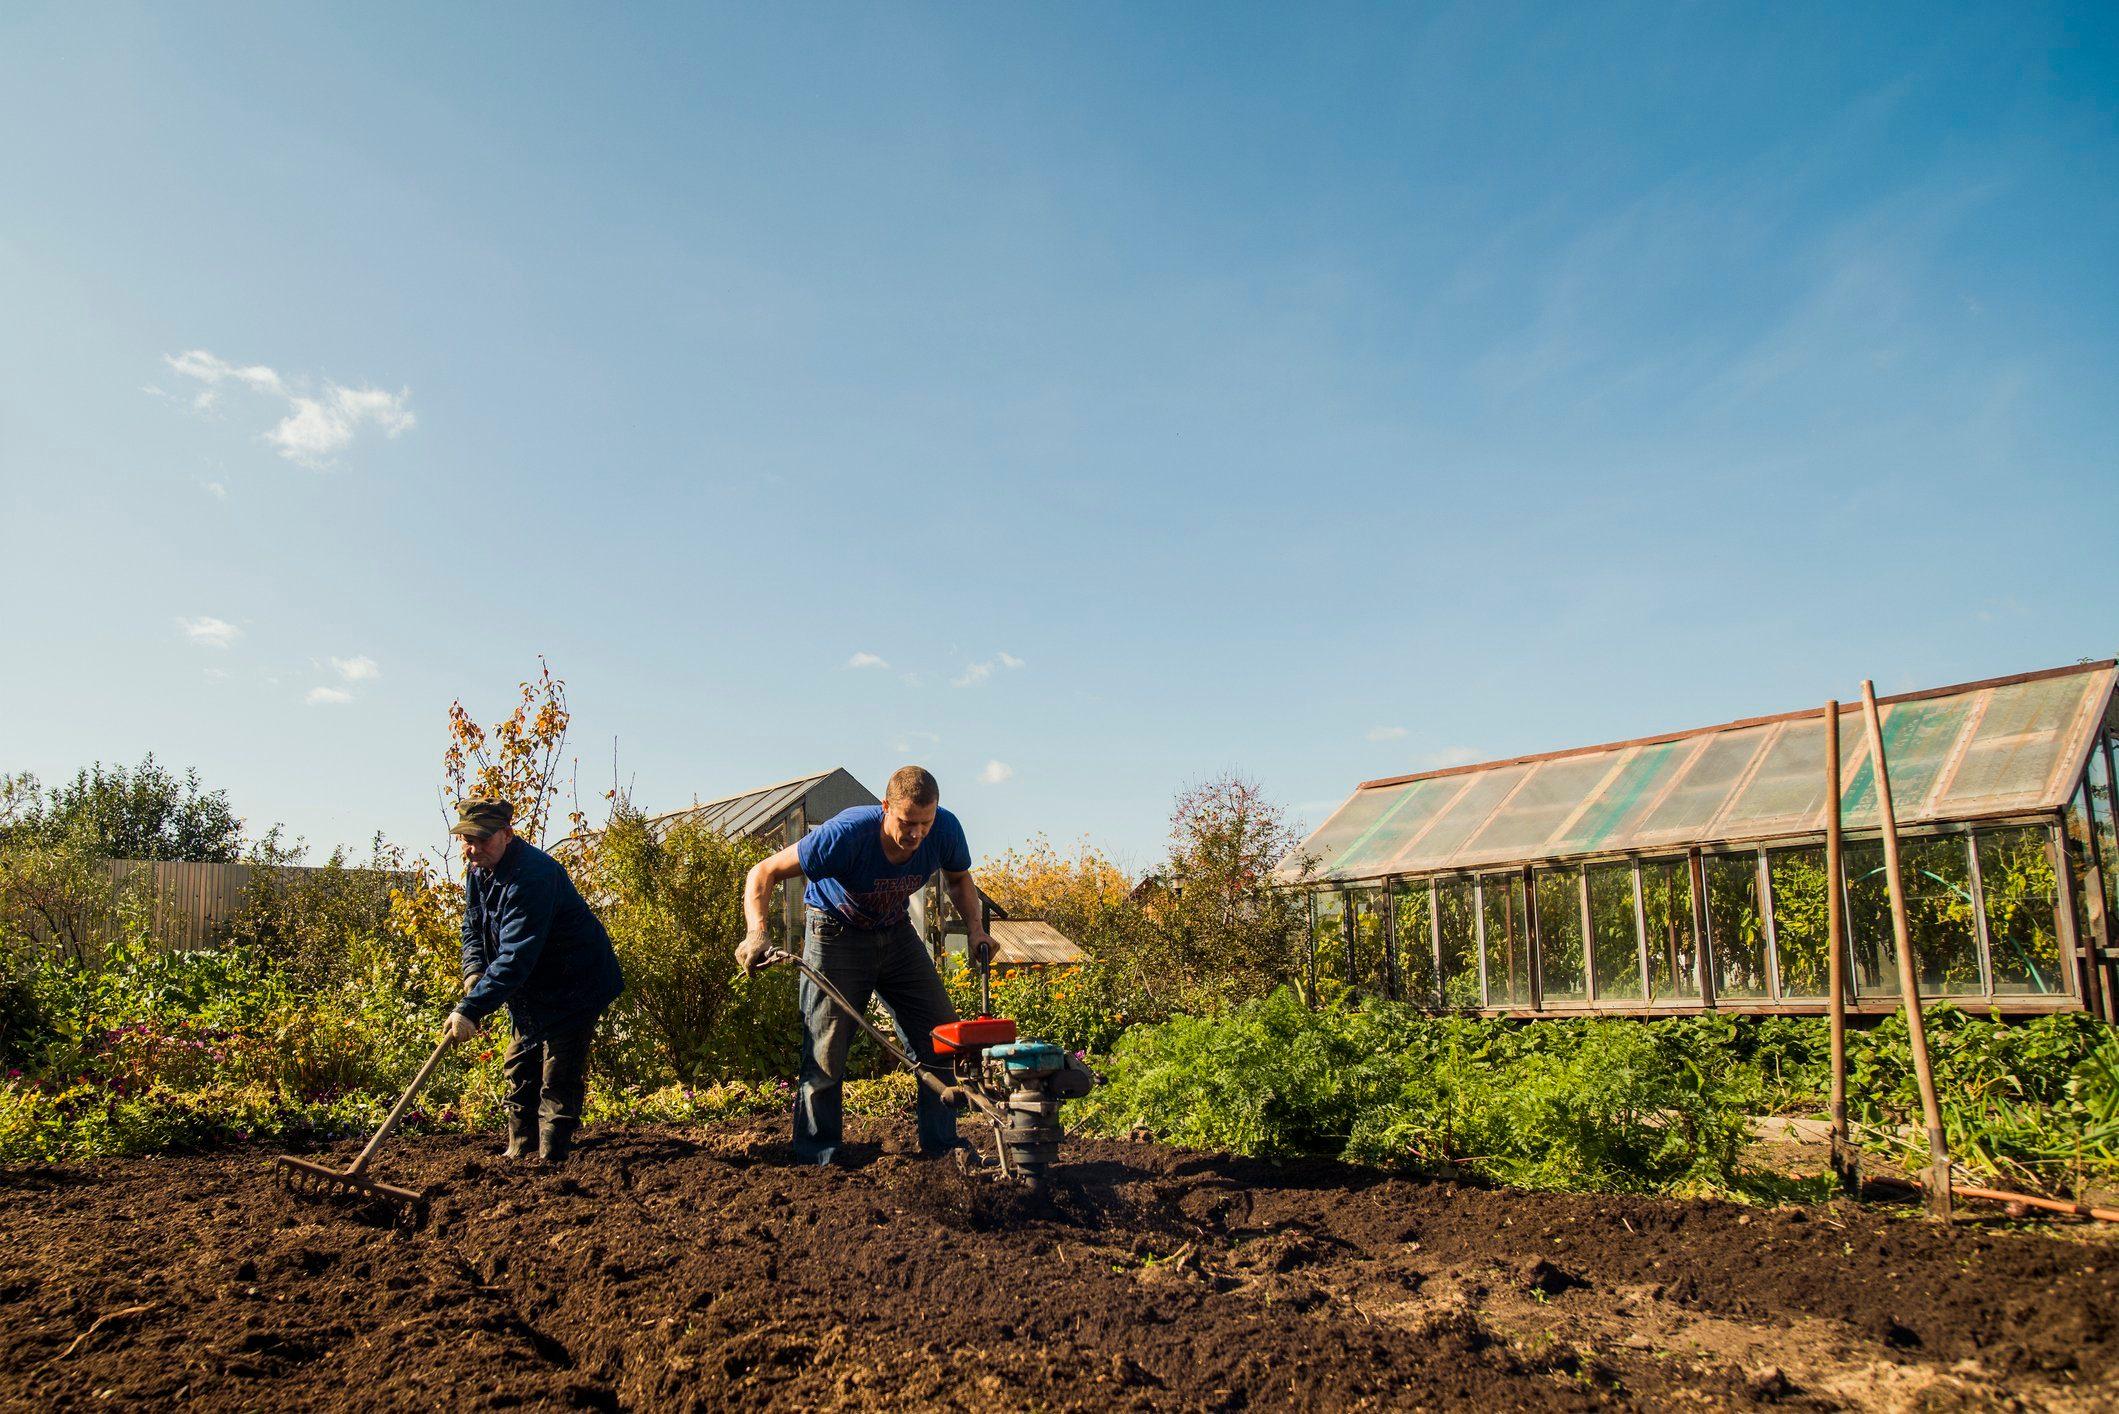 two men working in garden